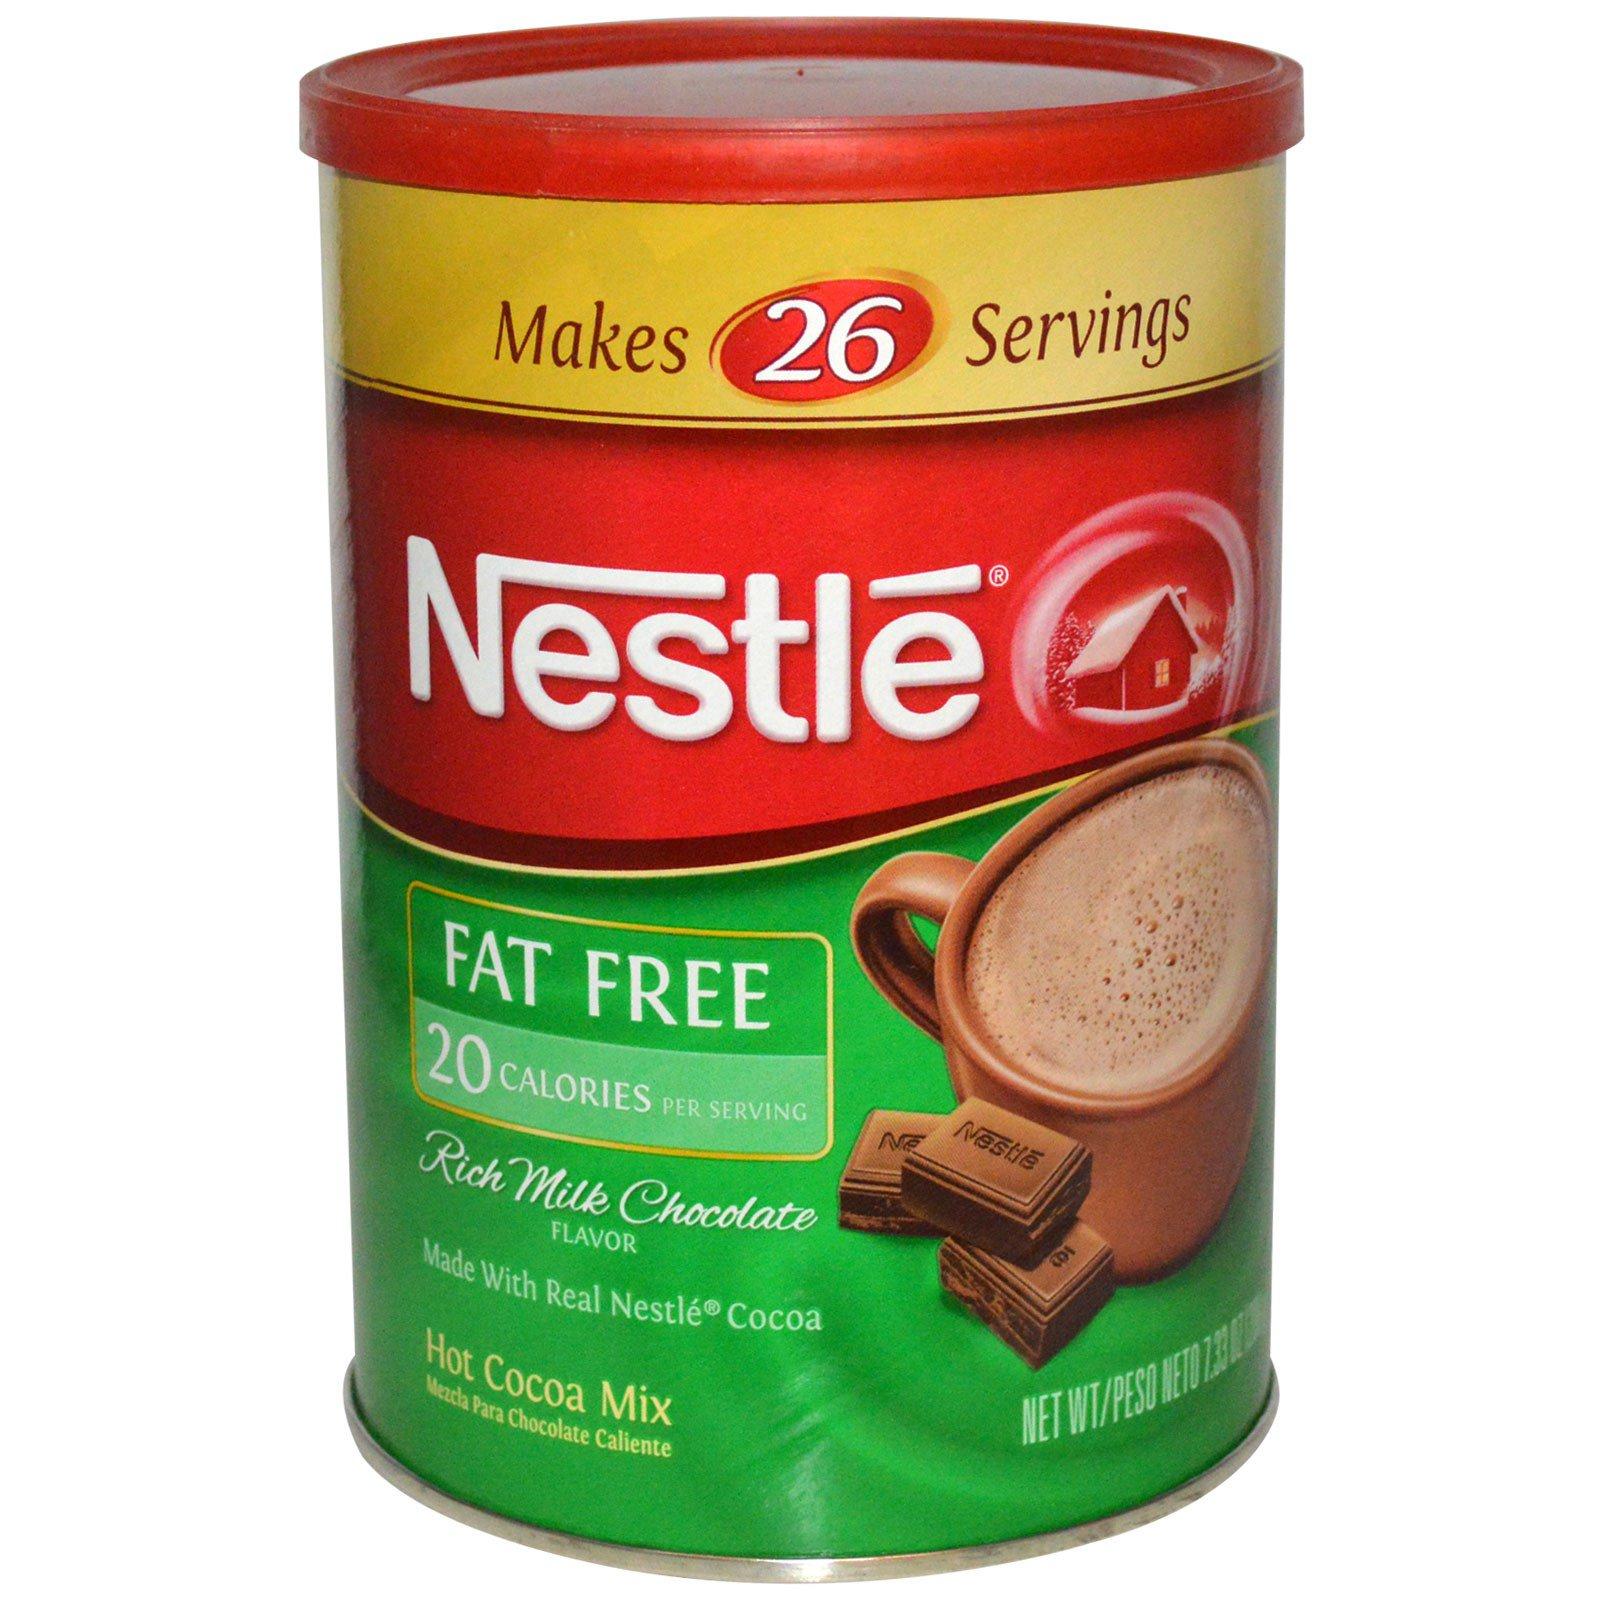 Nestle Hot Cocoa Mix, Насыщенное горячее какао со вкусом молочного шоколада, без содержания жиров, 7,33 унции (208 г)